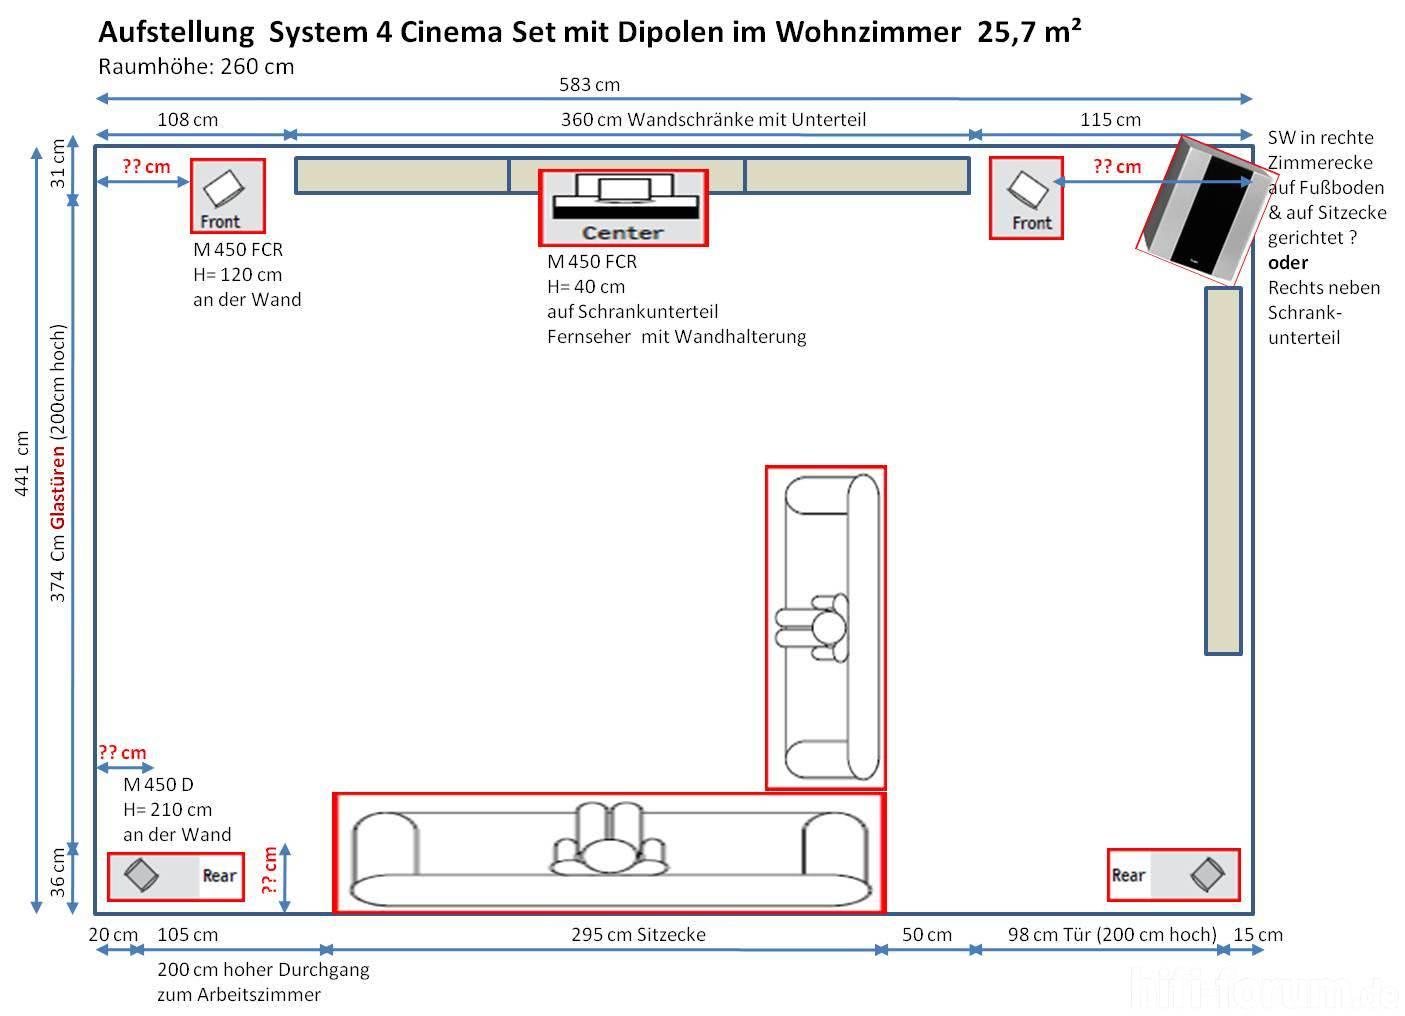 Wohnzimmer grundriss aufstellung boxen hifi for Wohnzimmer 5 1